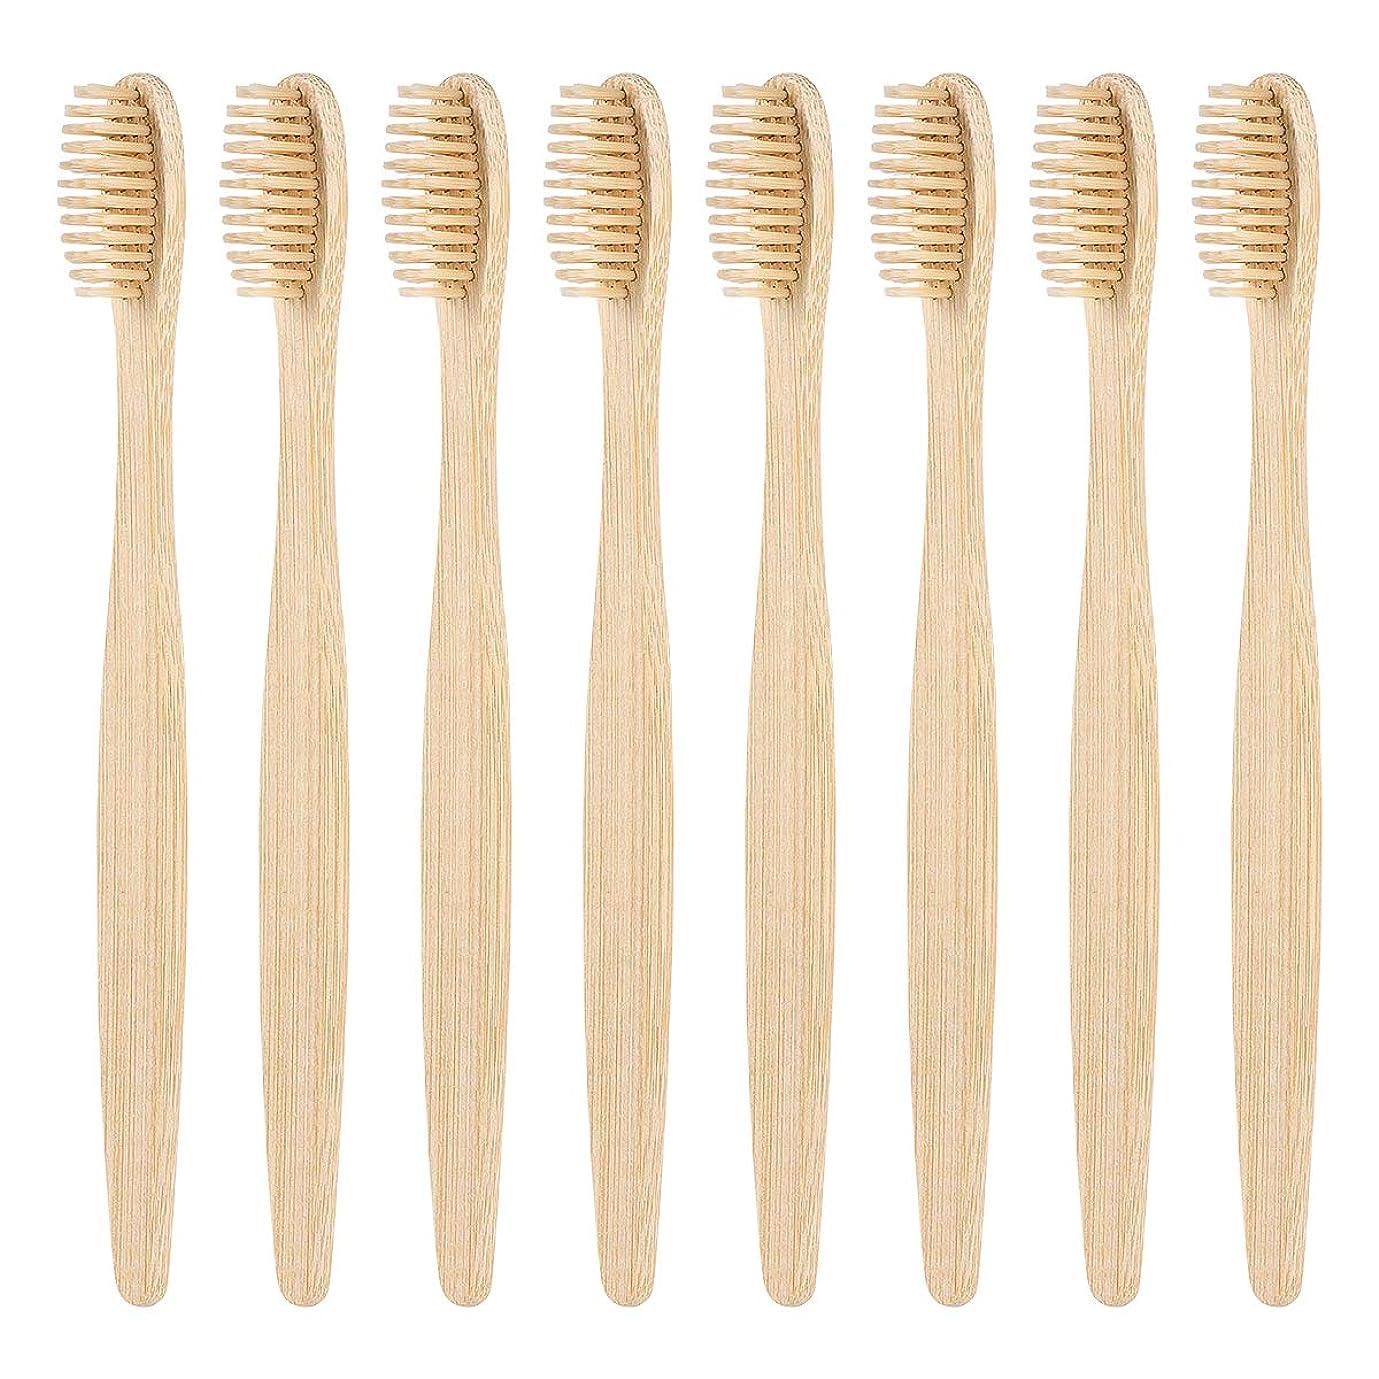 徹底提供腕SUPVOX 柔らかい剛毛が付いているタケ歯ブラシの自然な木の環境に優しい手動歯ブラシ8個